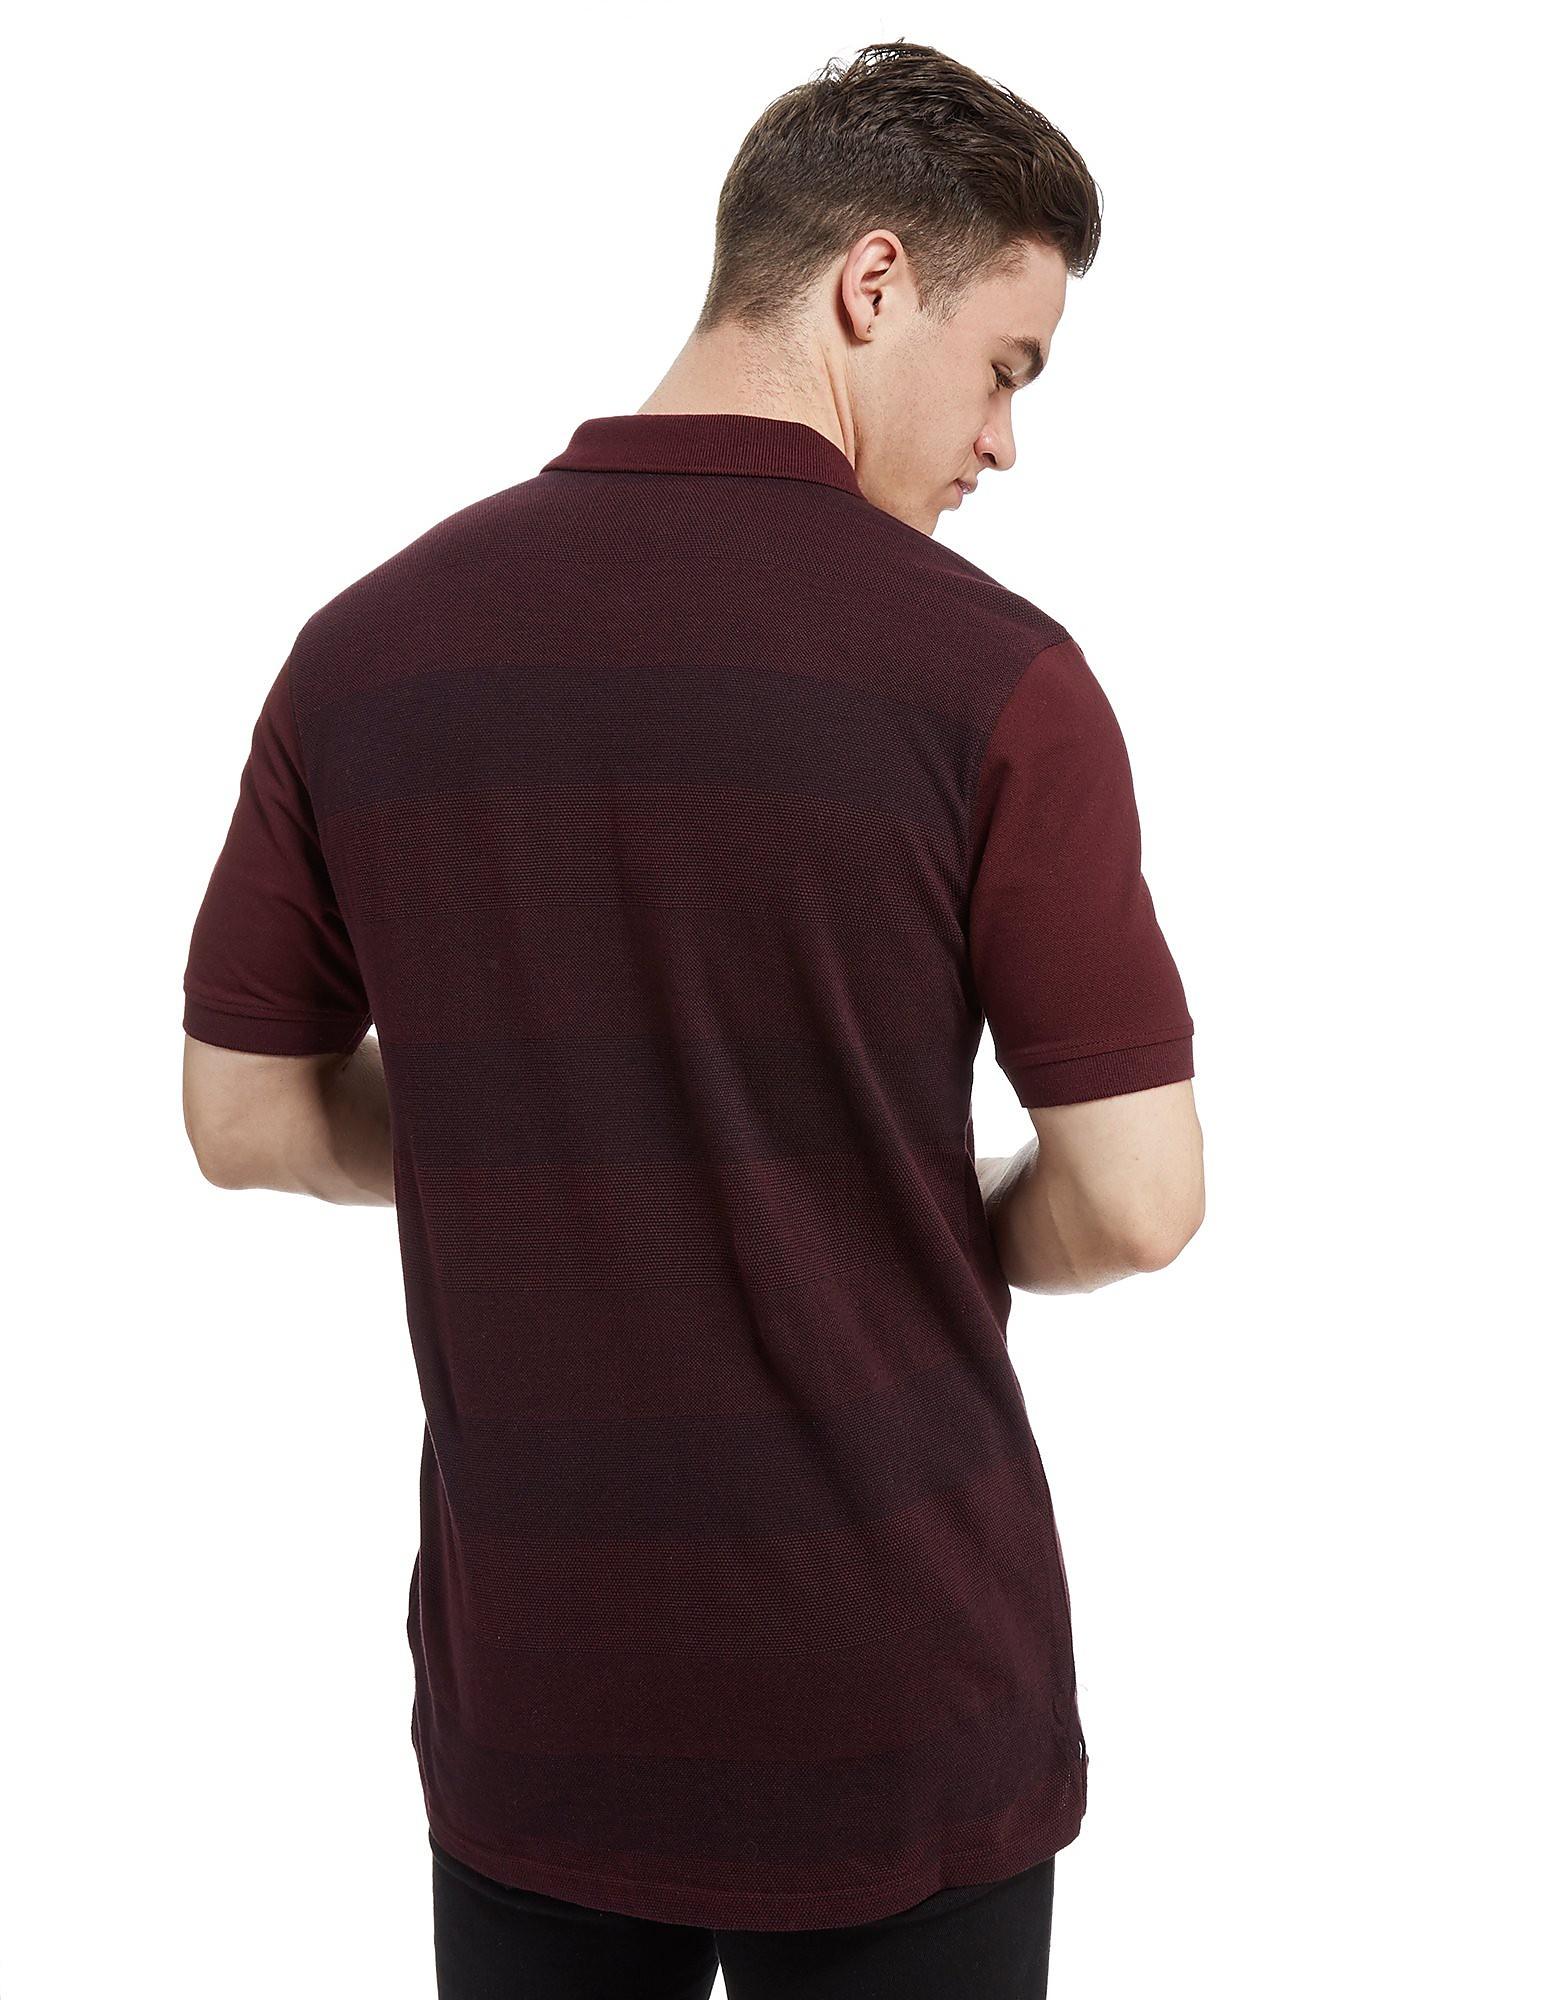 McKenzie Vilas Polo Shirt